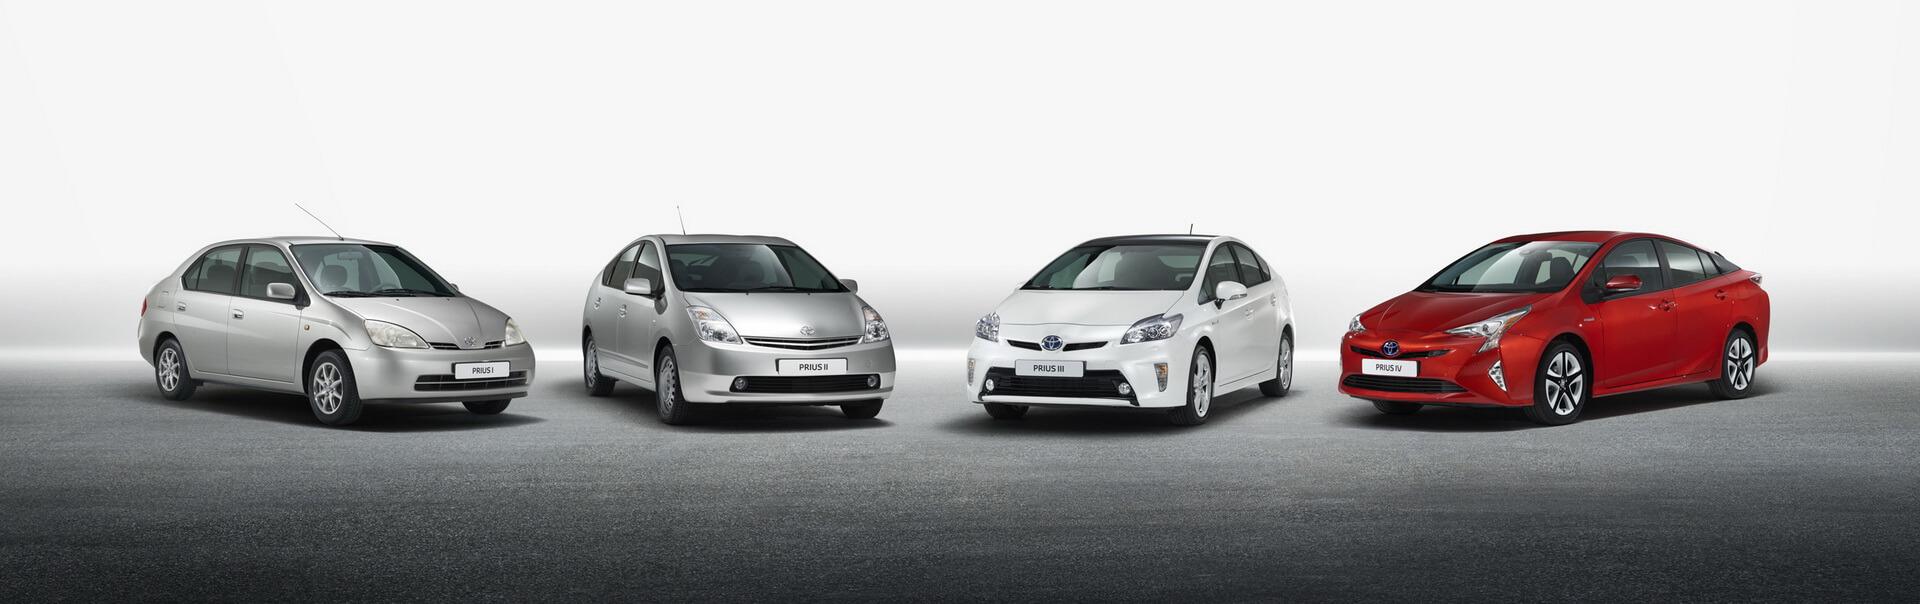 Покоління гібридного автомобіля Toyota Prius